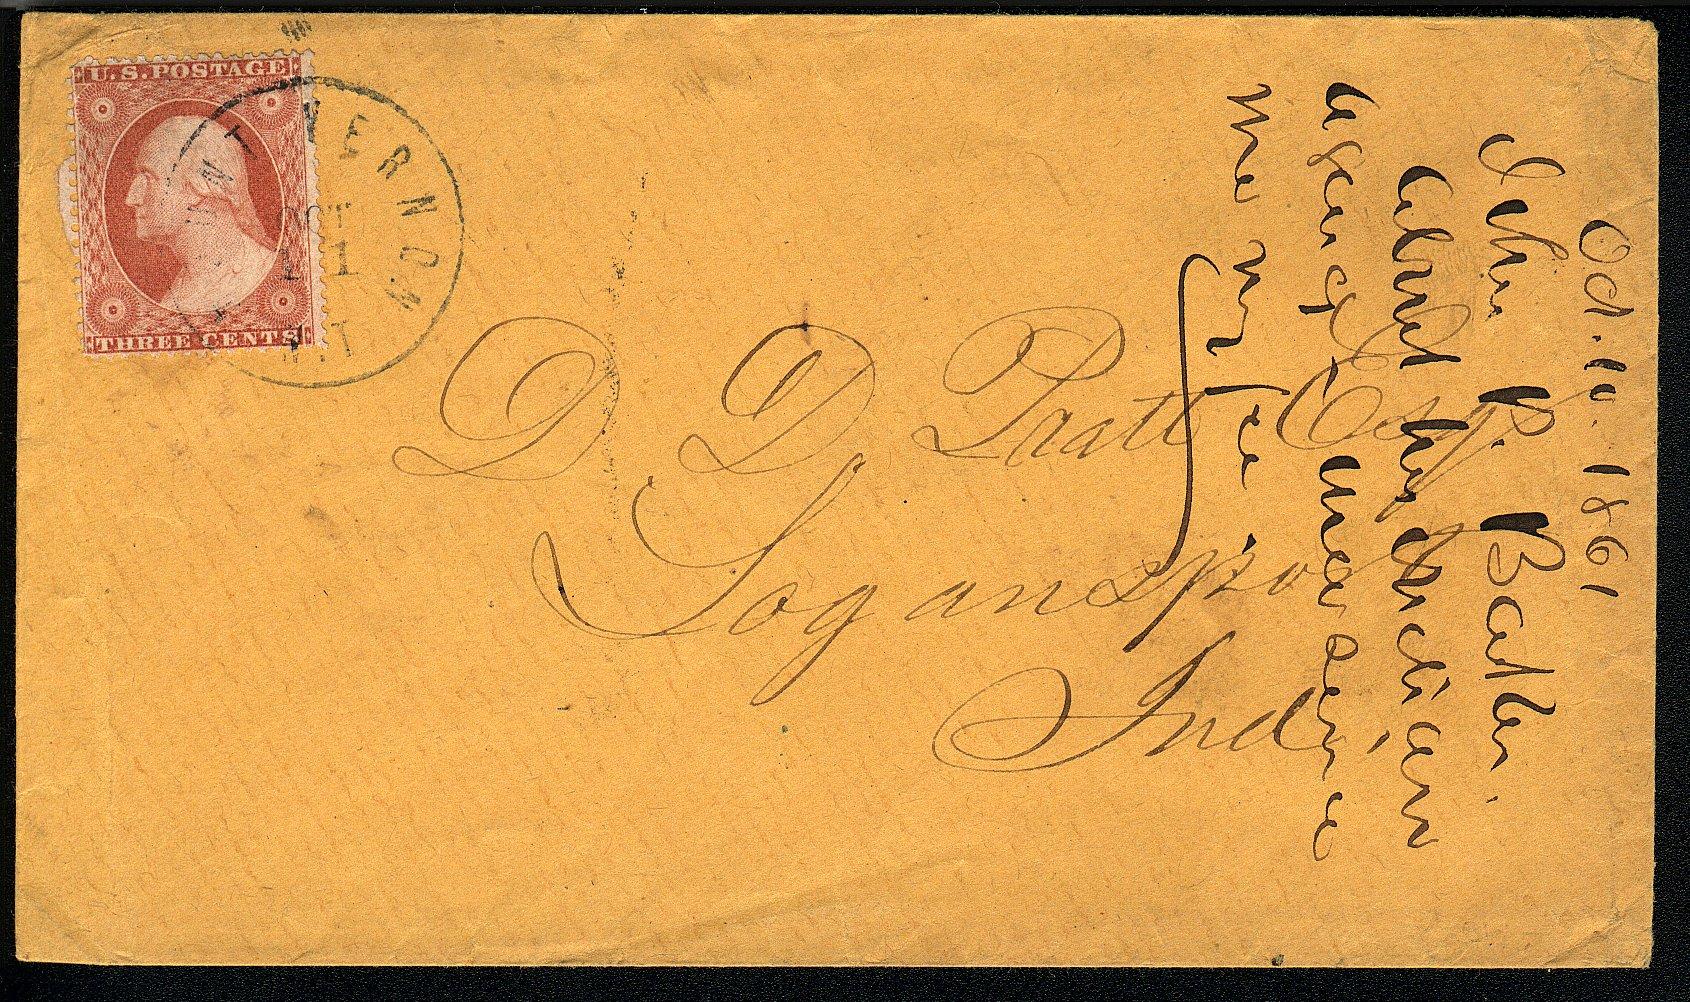 MountVernon 1861 10 11